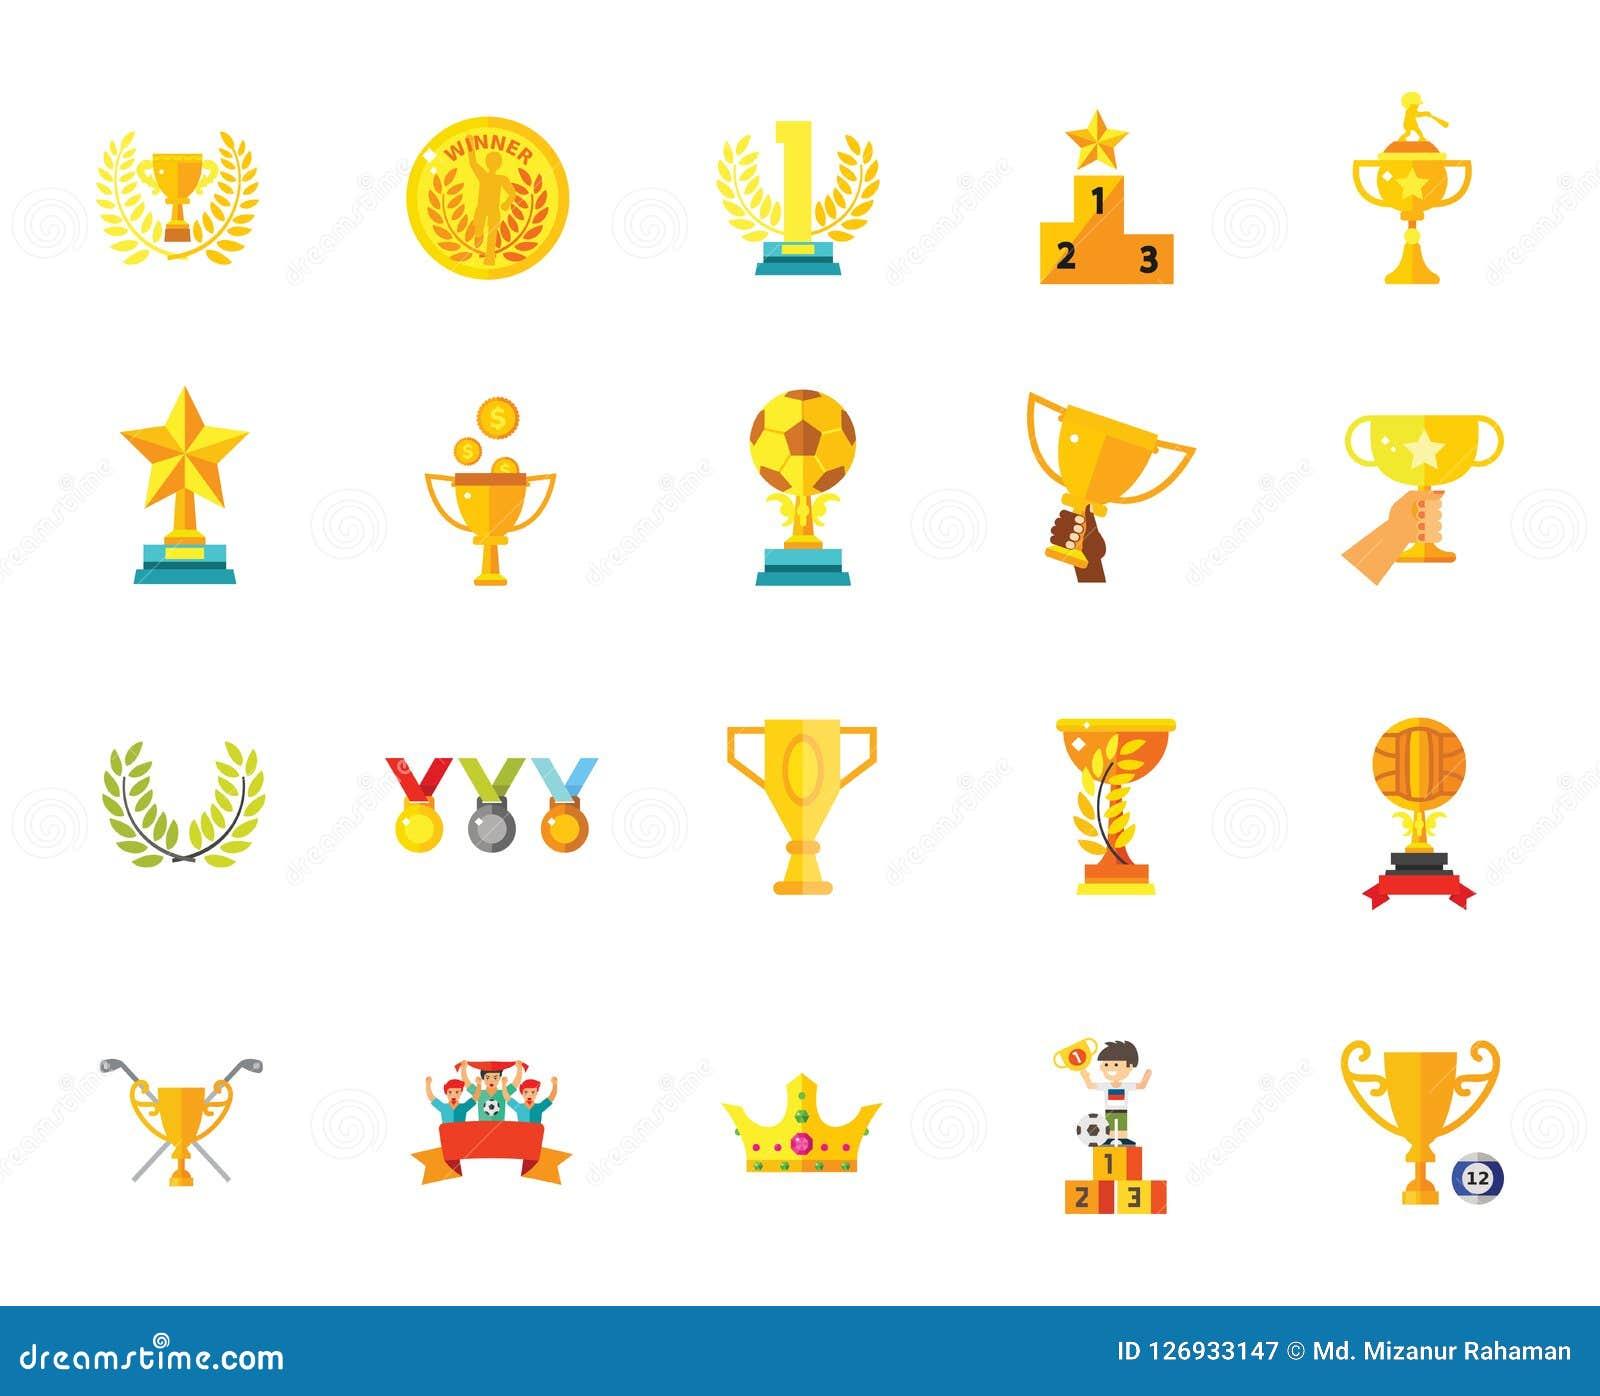 Illustrationer för vektor för uppsättning för symbol för mästare för framgång för vinnare för stjärna för emblem för troféutmärke